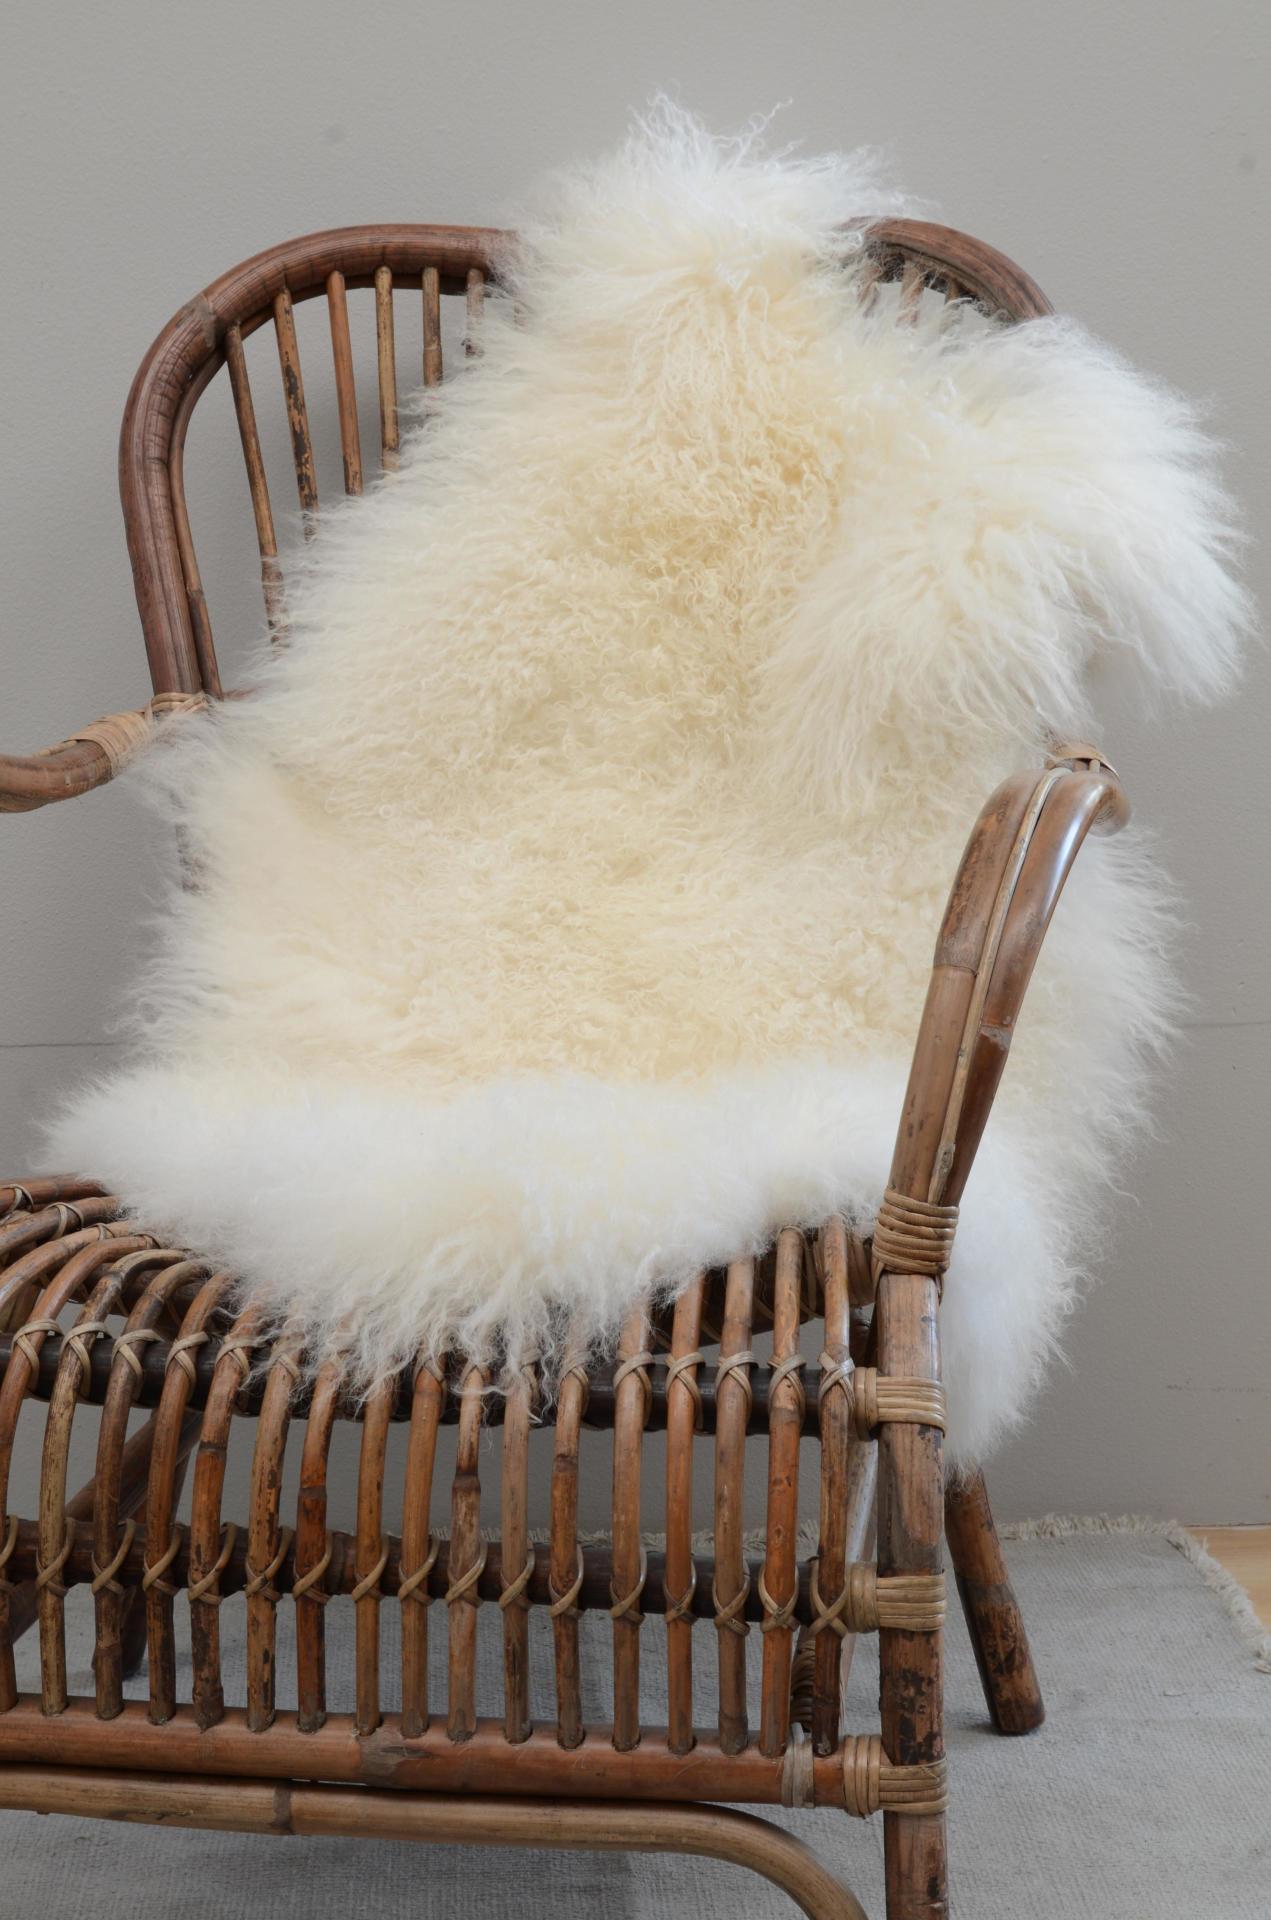 IB LAURSEN Tibetská ovčí kožešina Natural white, bílá barva, krémová barva, kožešina Krémová